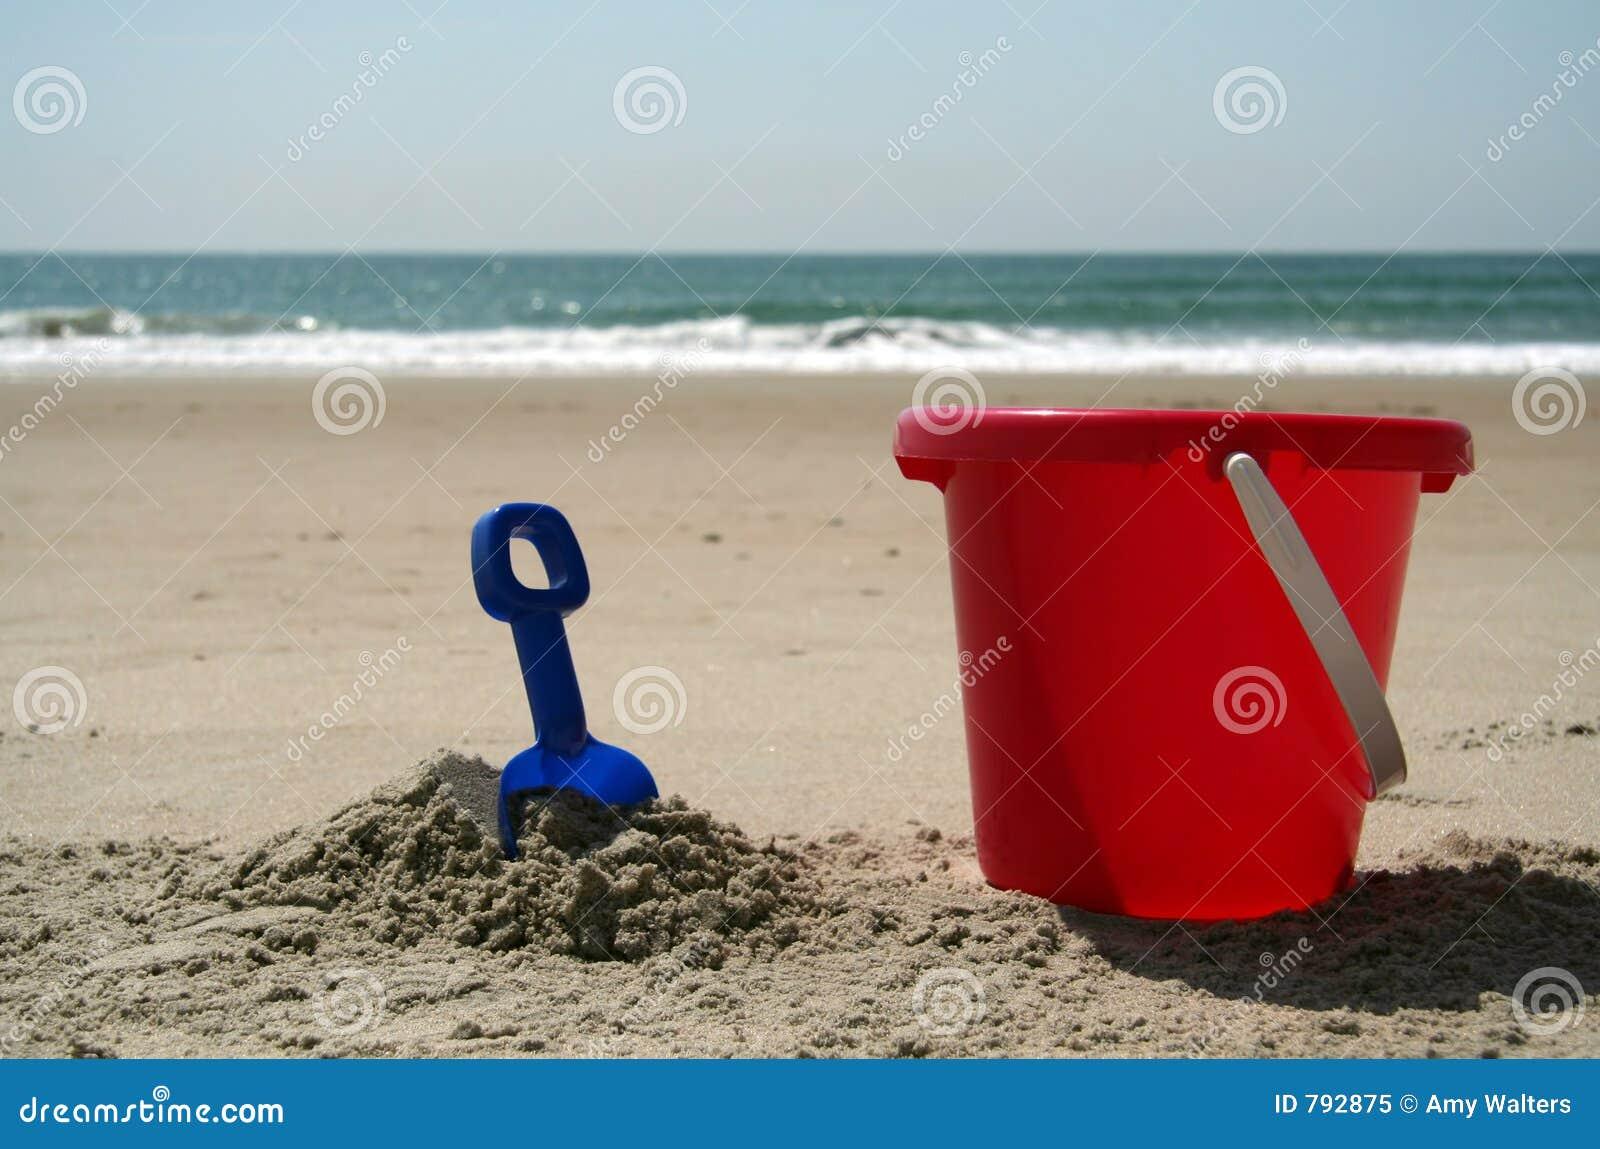 eimer und schaufel am strand stockbild bild von plastik schaufel 792875. Black Bedroom Furniture Sets. Home Design Ideas